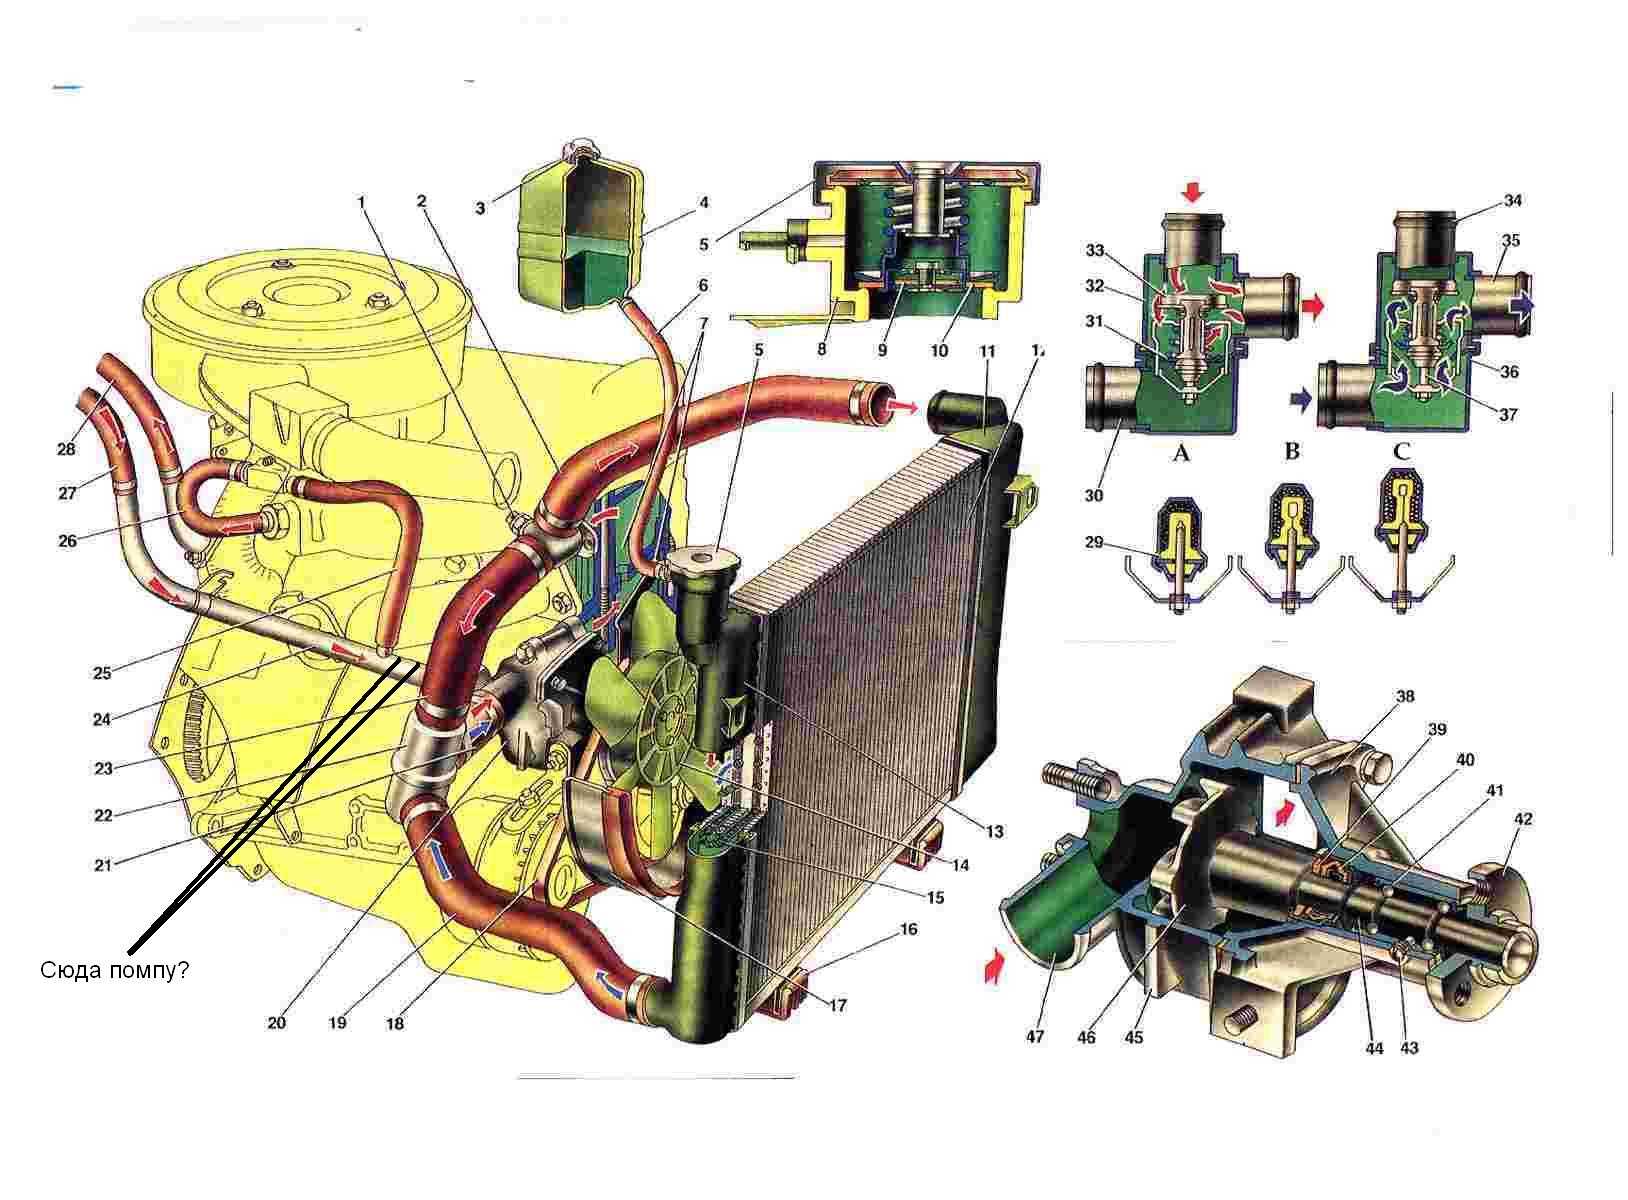 Вентилятор охлаждения радиатора нива 21214 схема